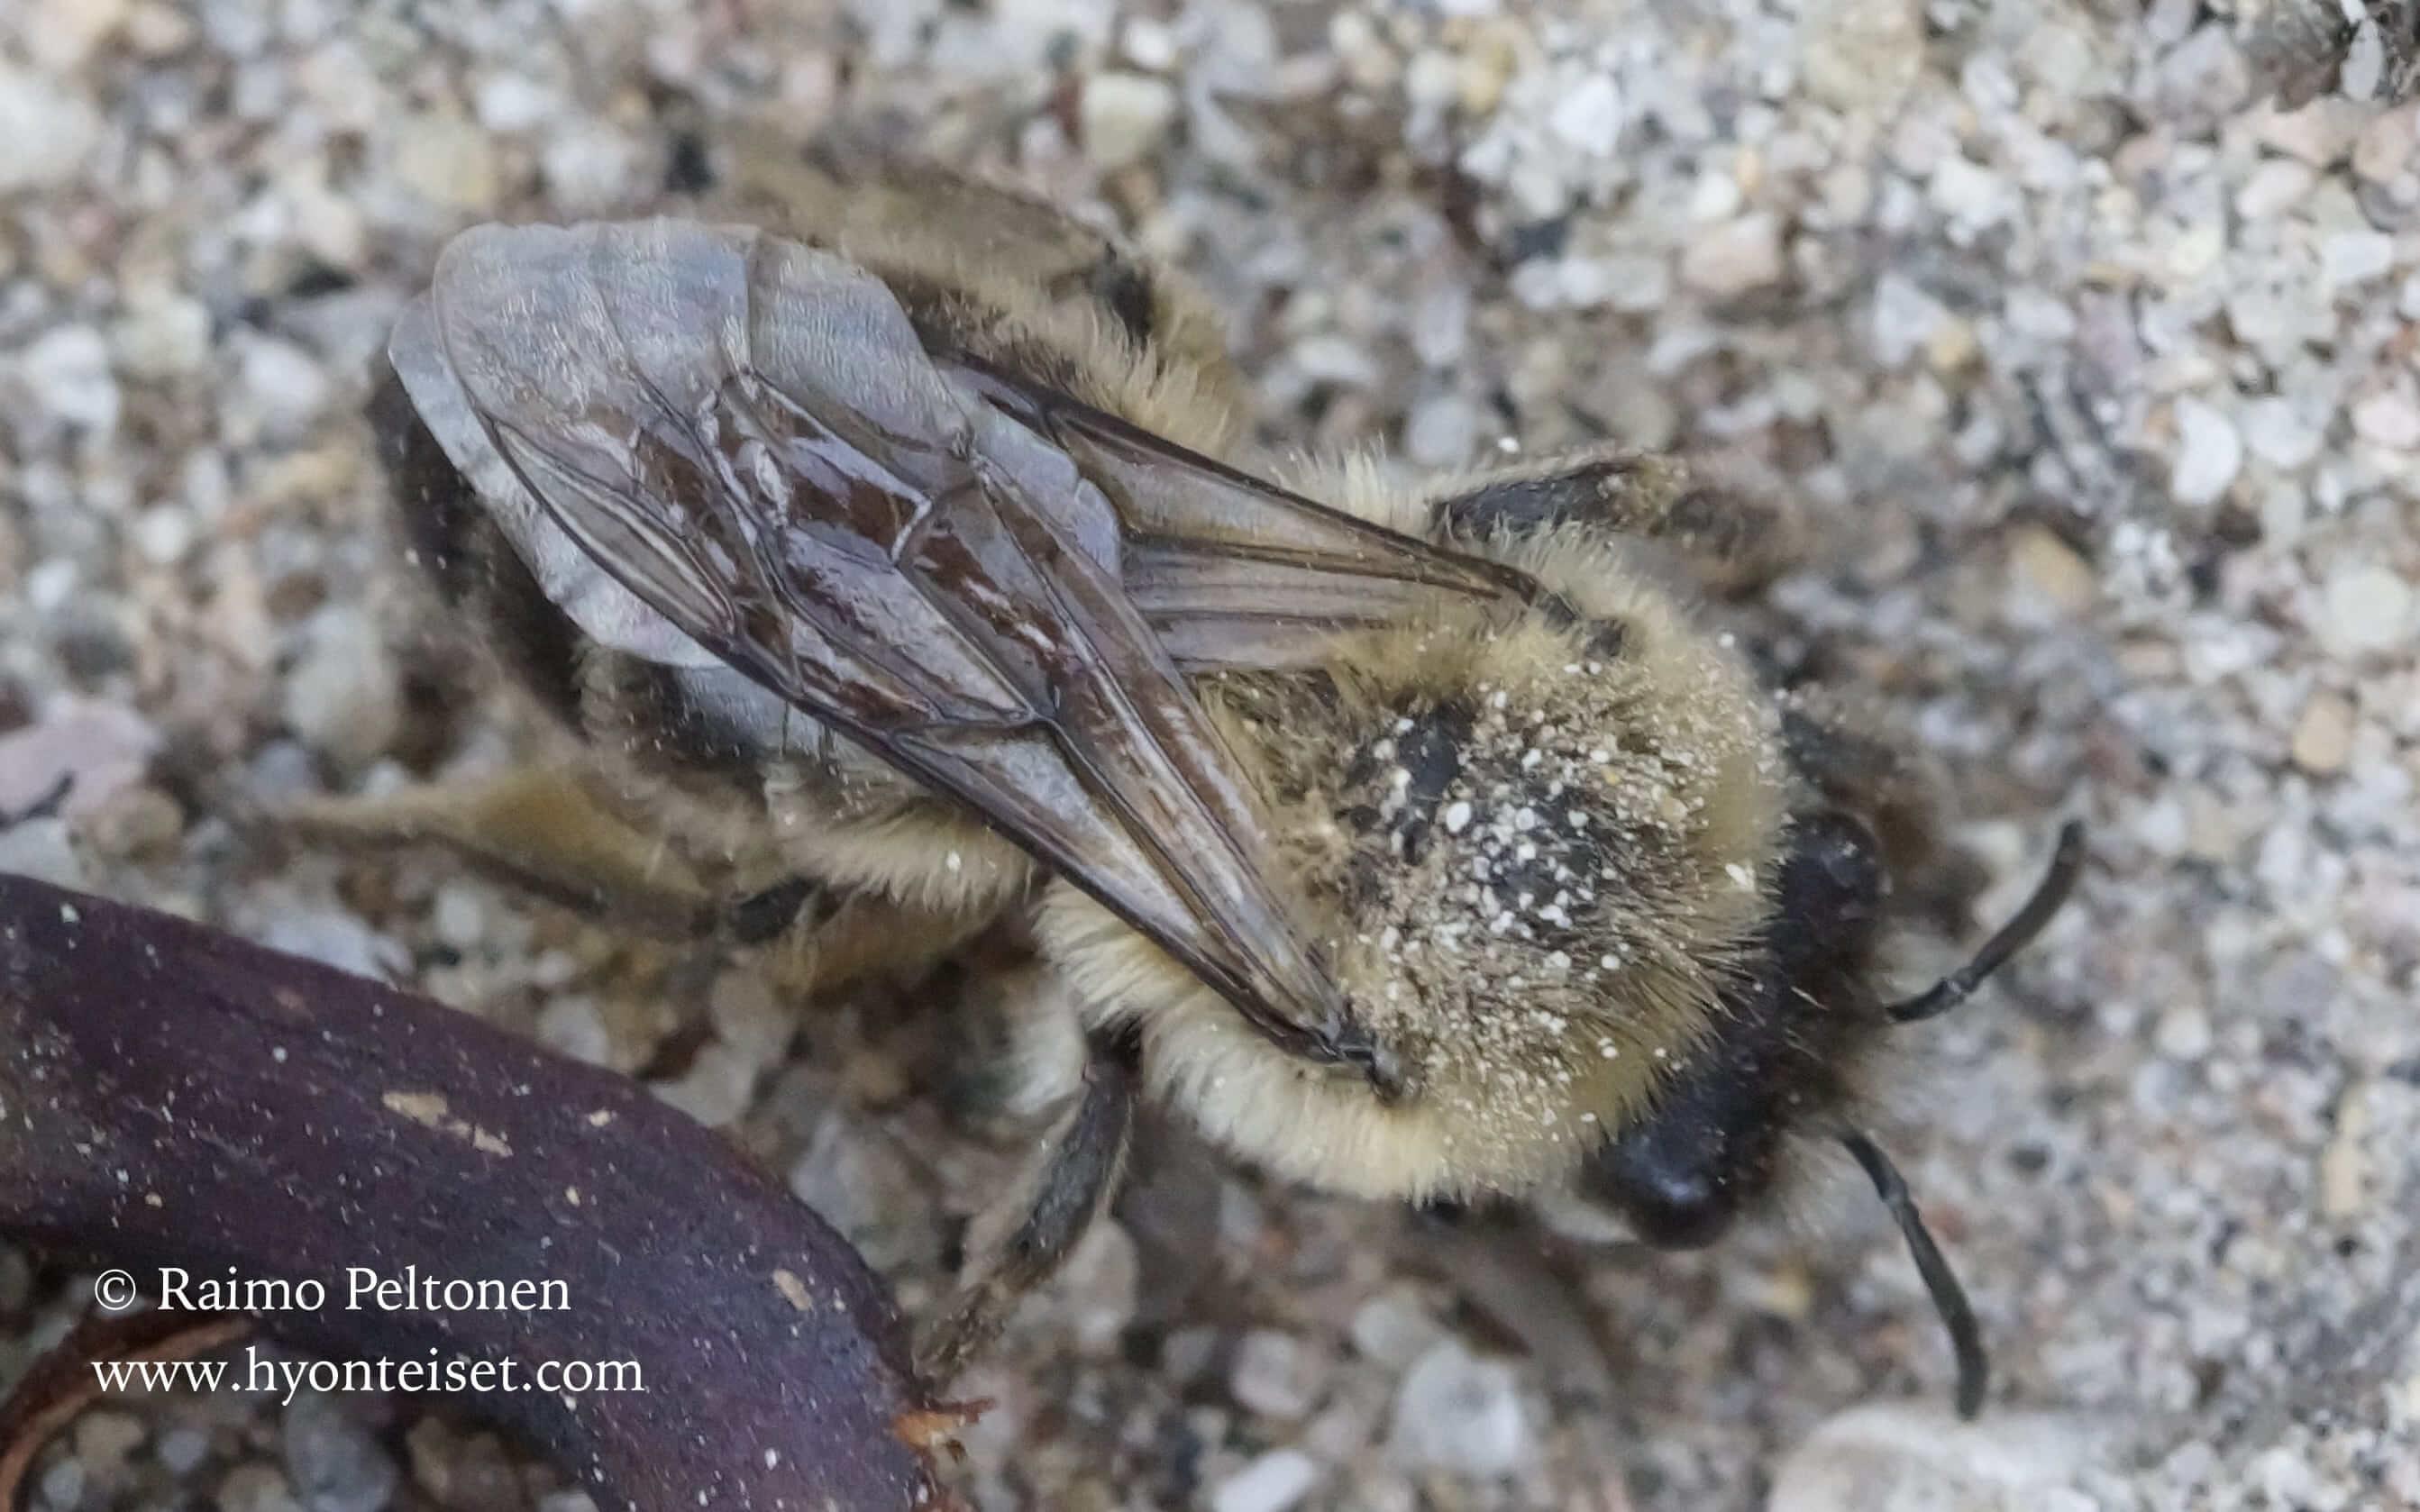 Colletes cunicularius-kevätiskosmehiläinen, naaras (det. Juho Paukkunen), 12.5.2016 Jyväskylä